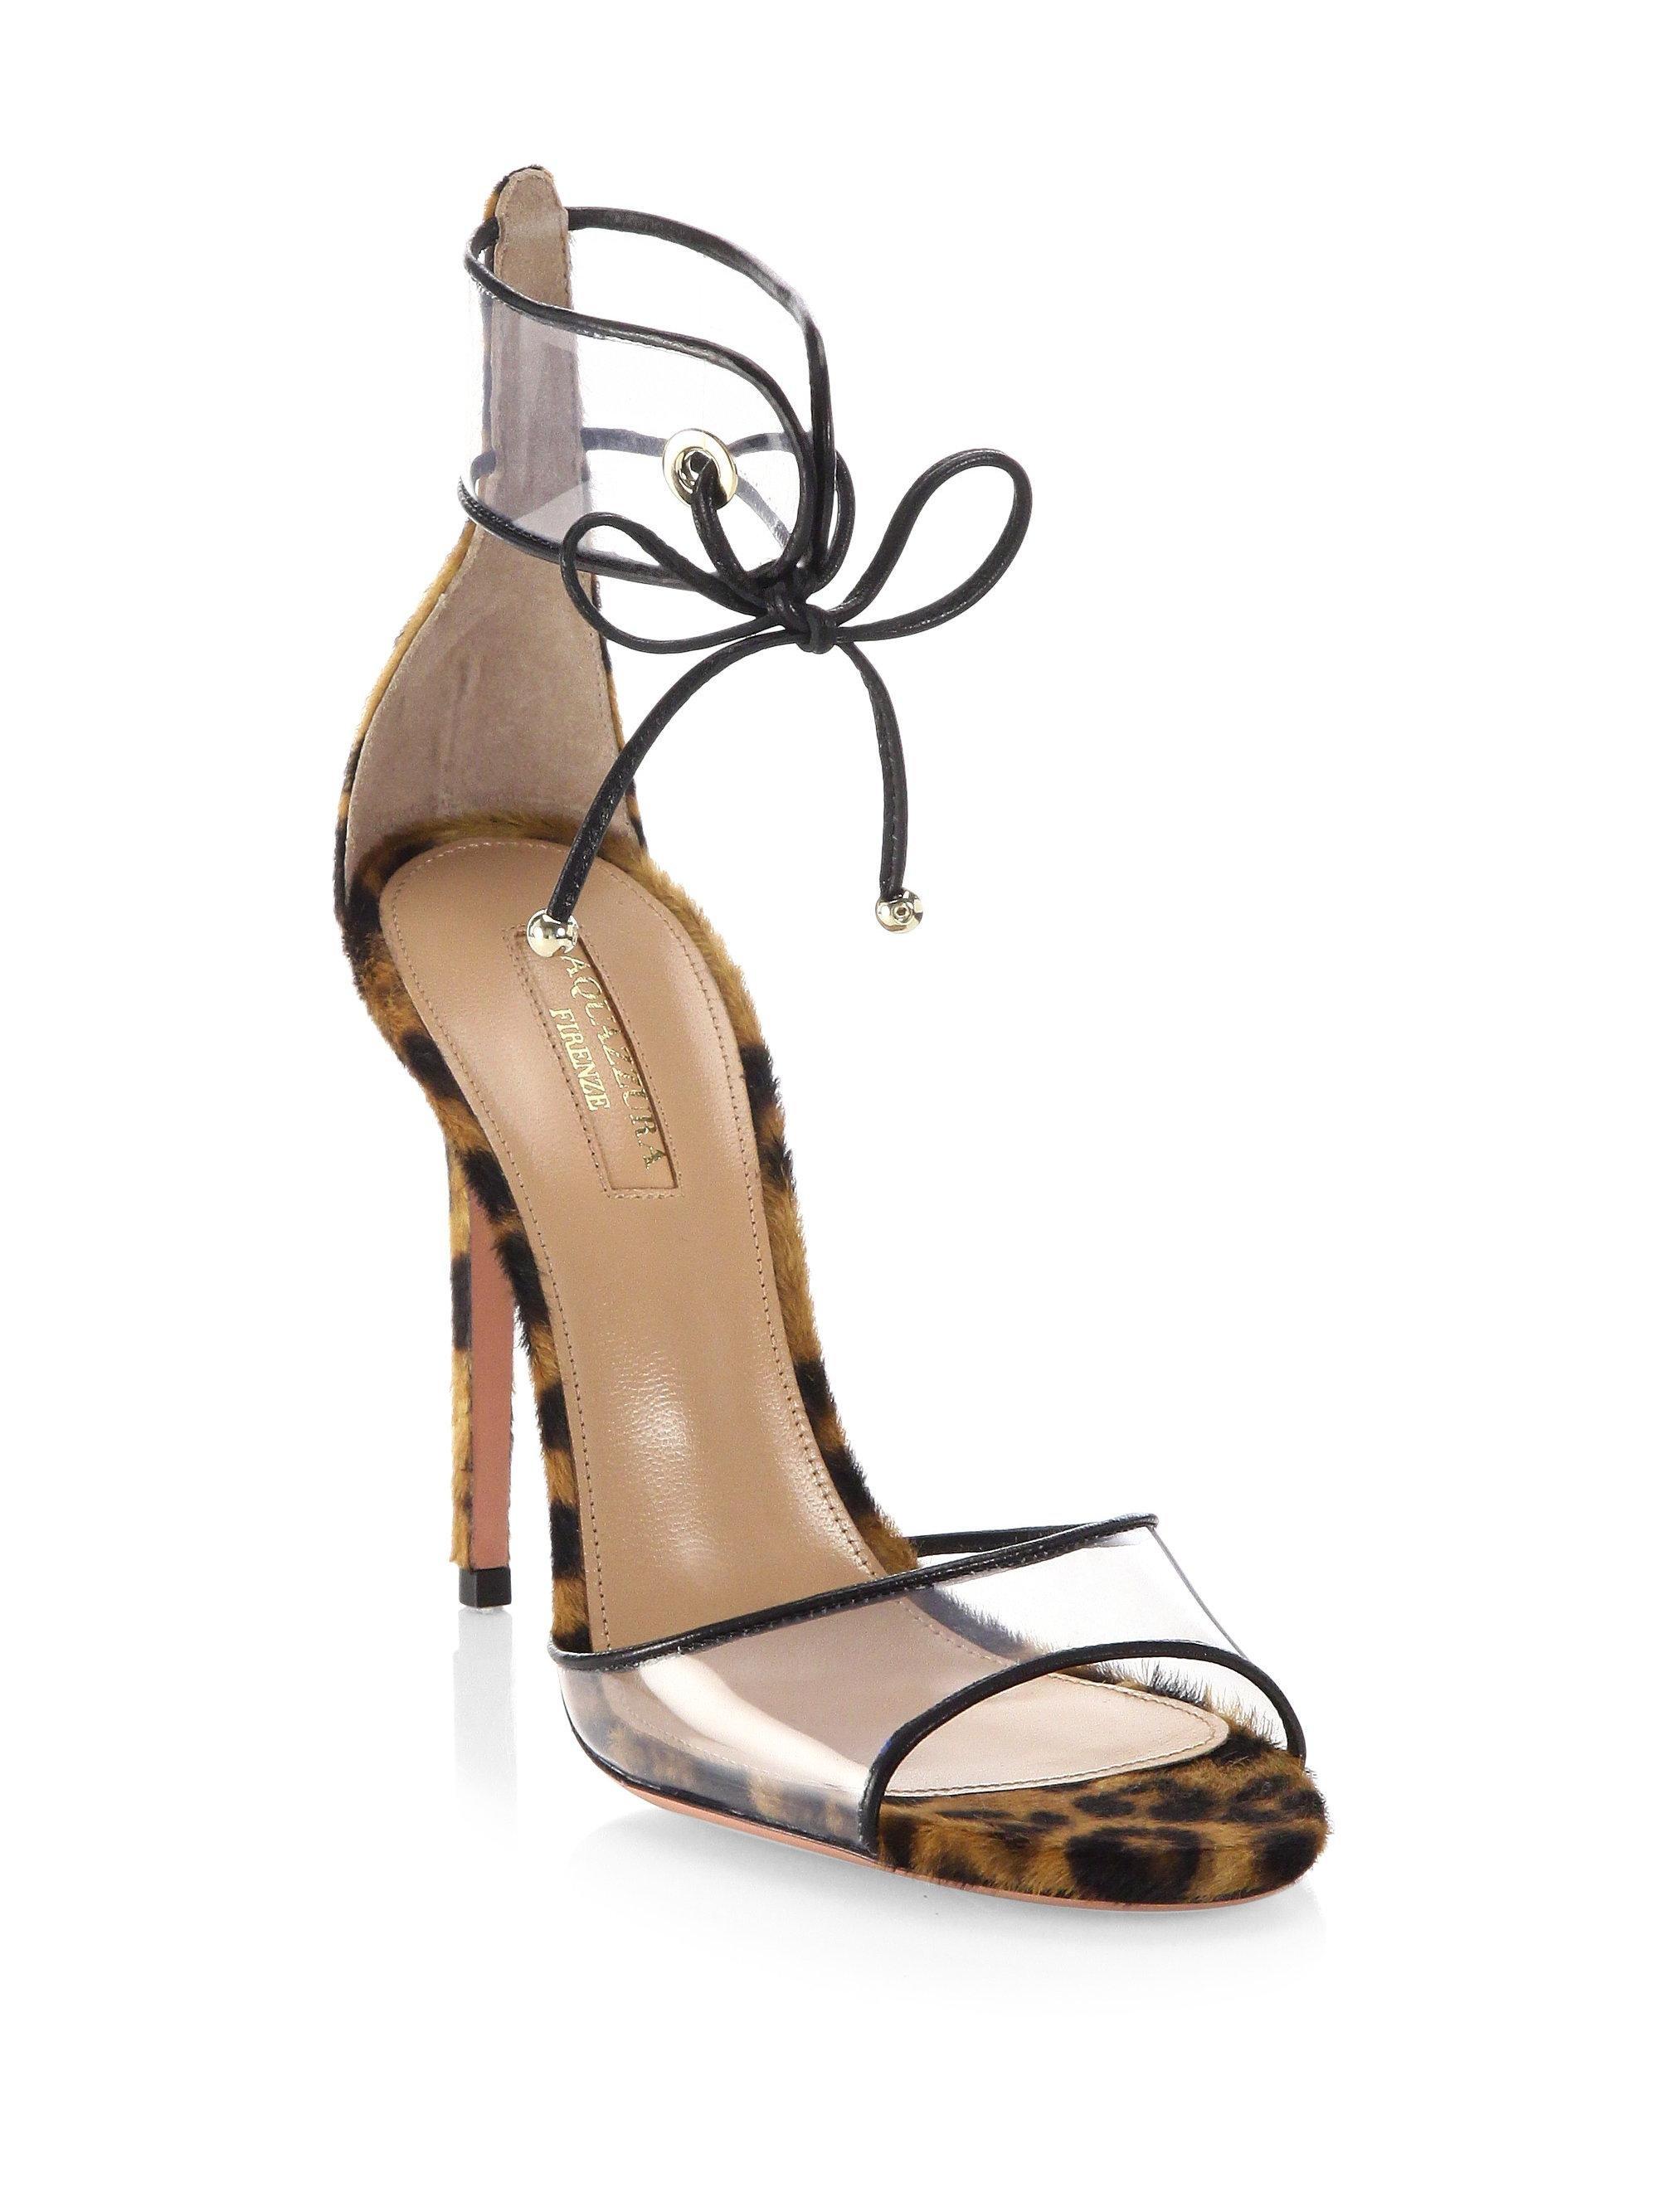 Aquazzura Optic Leopard Calf Hair Sandals jX7SXVTf4k